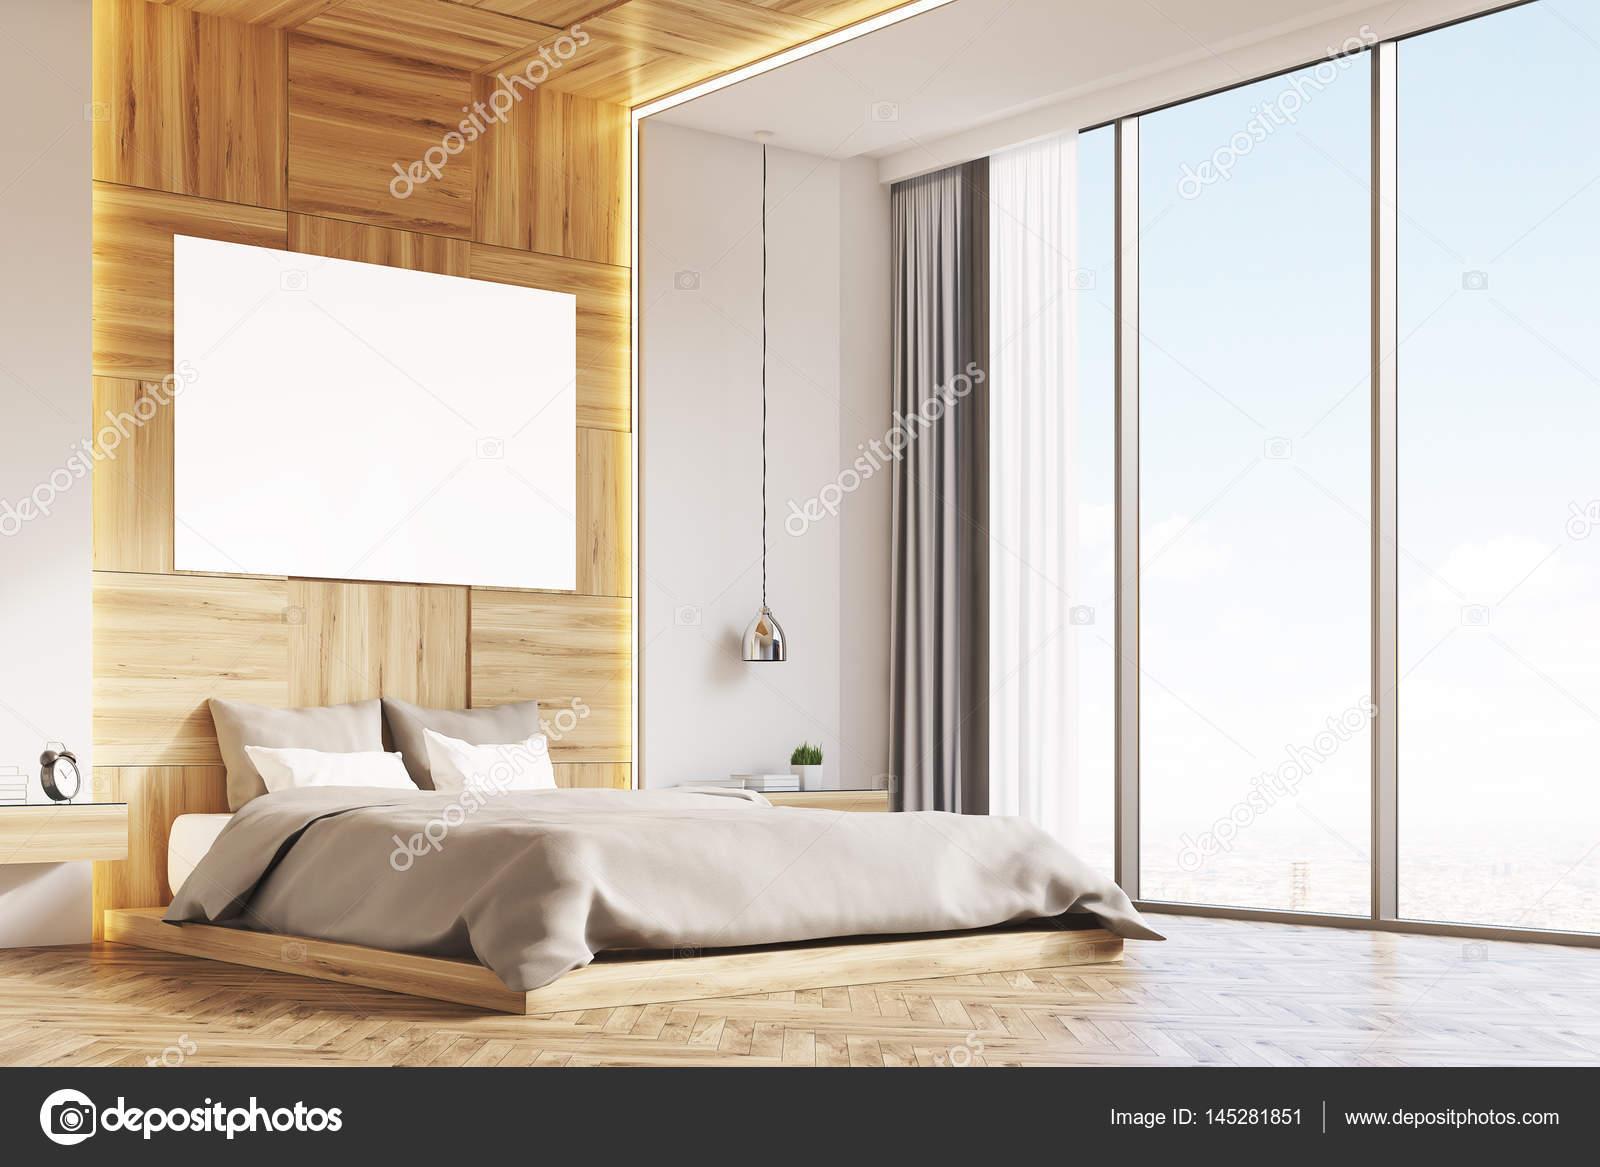 Licht Slaapkamer Cool With Licht Slaapkamer Stunning